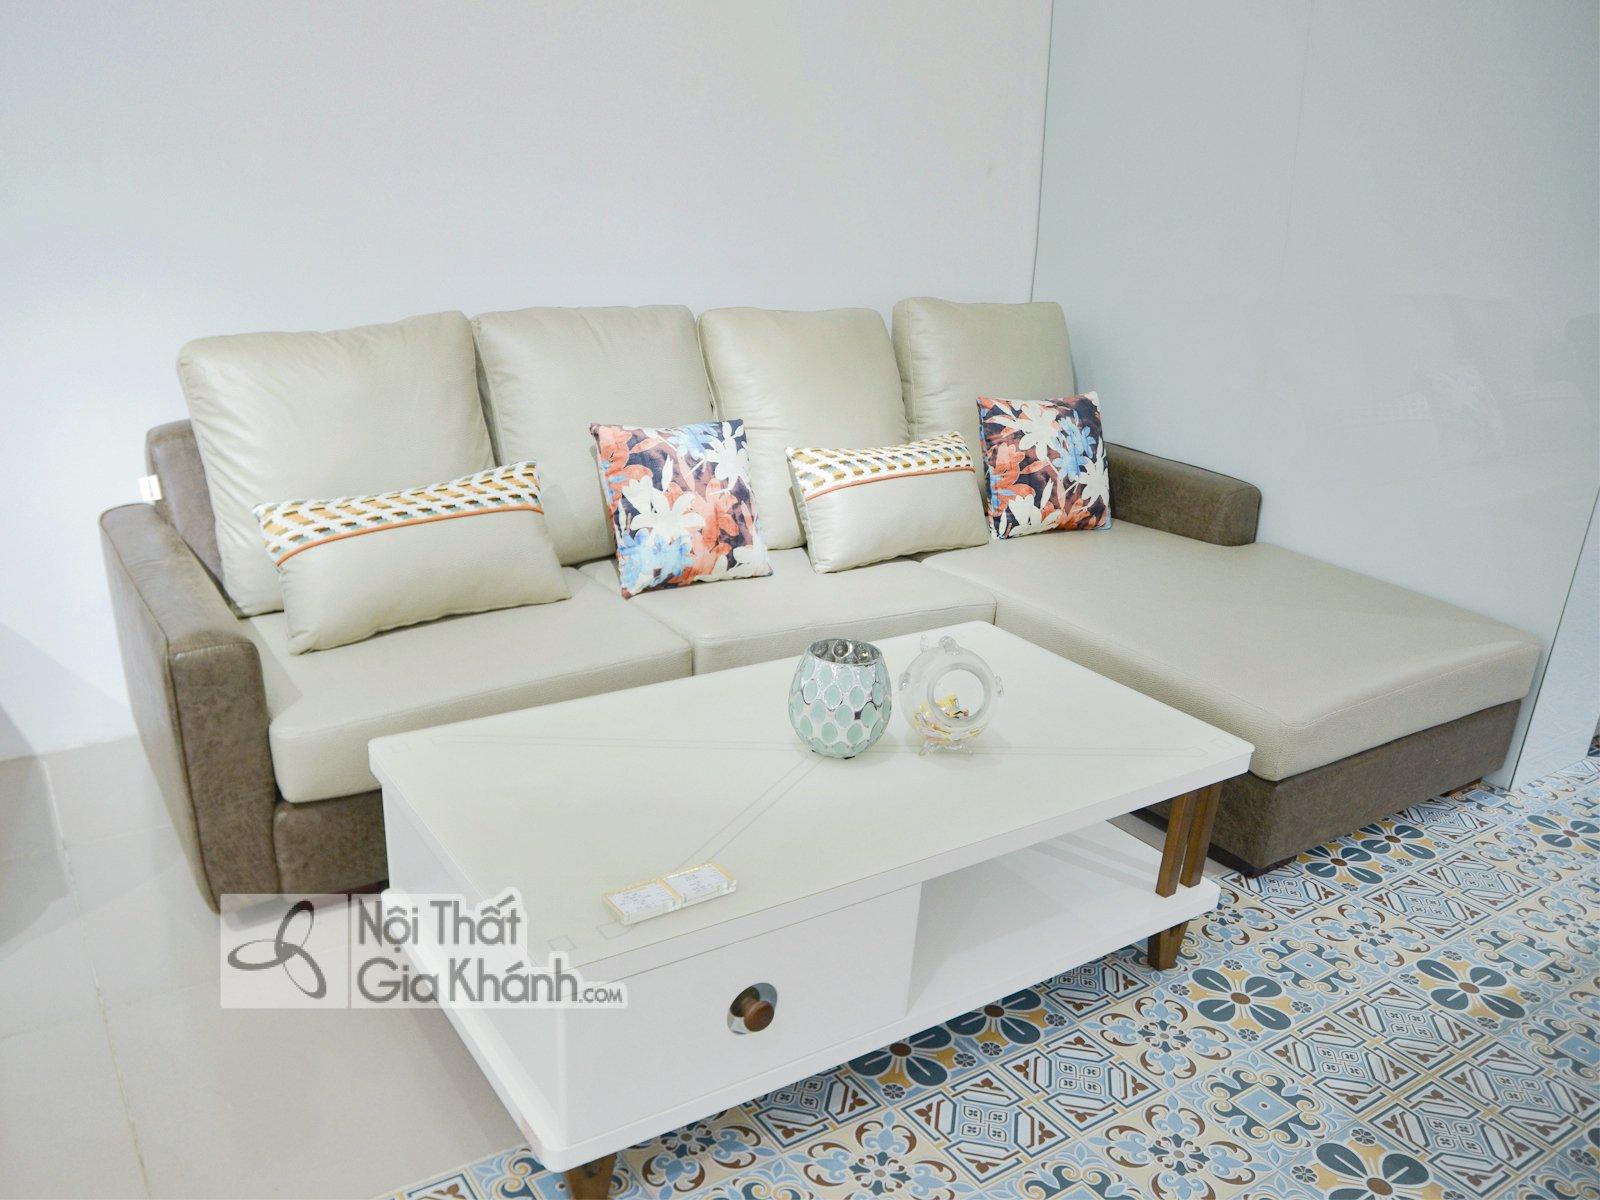 Sofa 2 Băng Góc Trái Nỉ Nano Chống Thấm Nước Str813-2